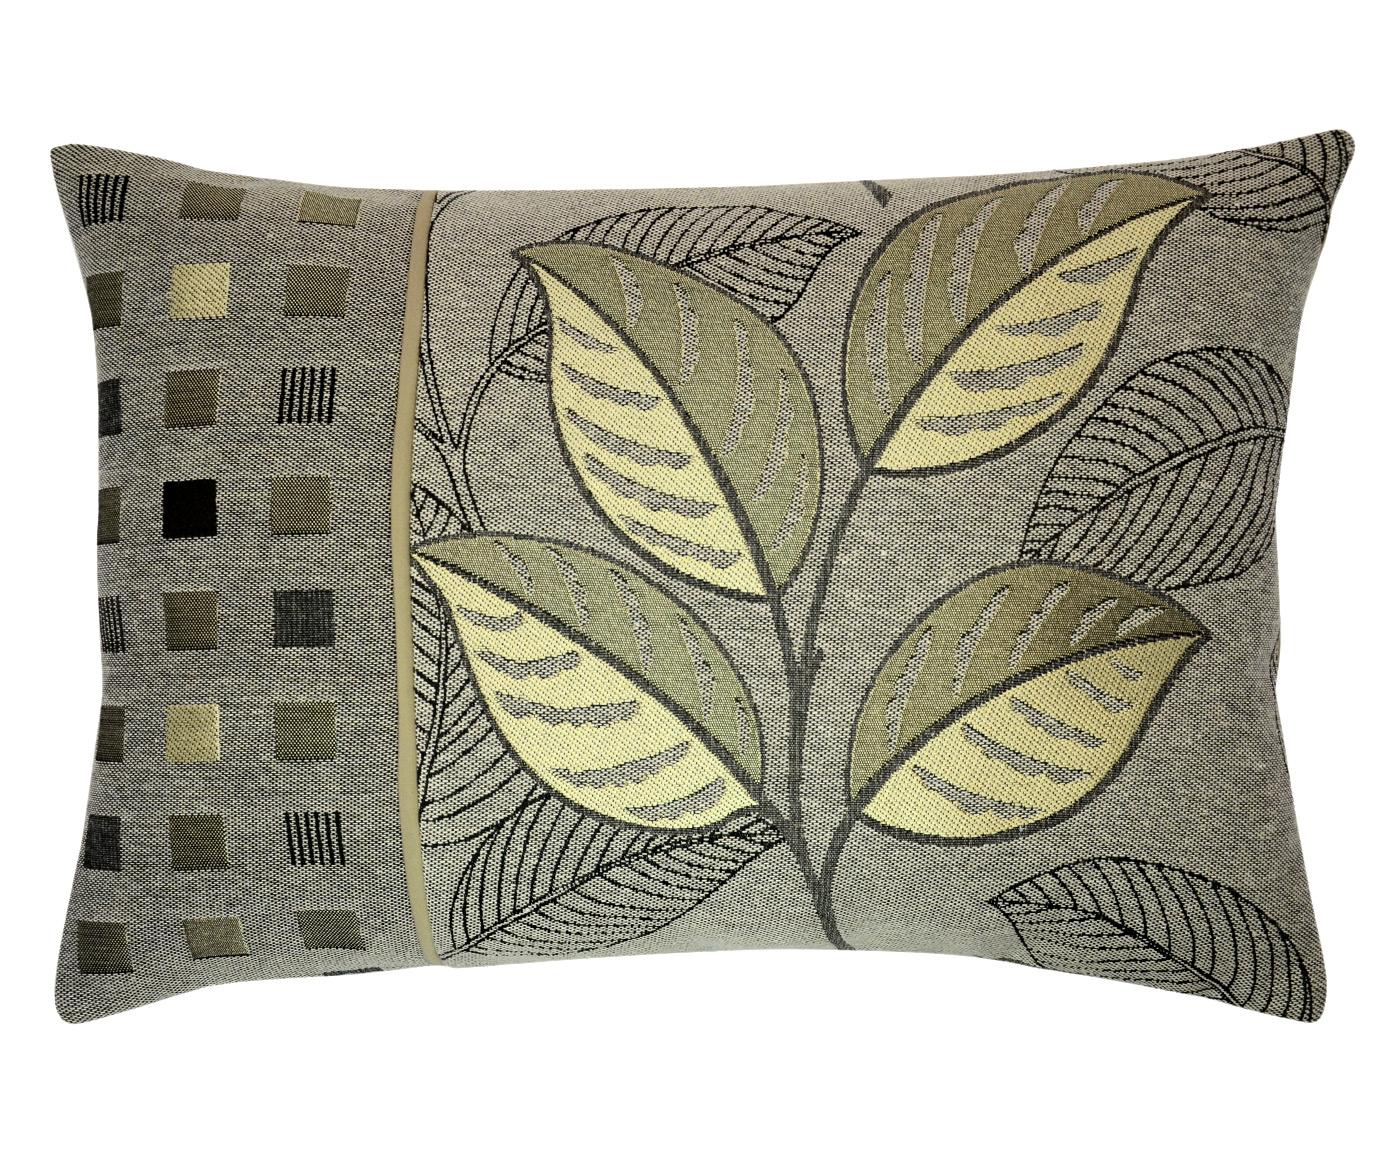 Комплект подушек Season Beige (2шт)Квадратные подушки и наволочки<br>Комплект декоративных  подушек. Чехол съемный.<br><br>Material: Вискоза<br>Length см: None<br>Width см: 50<br>Depth см: 15<br>Height см: 35